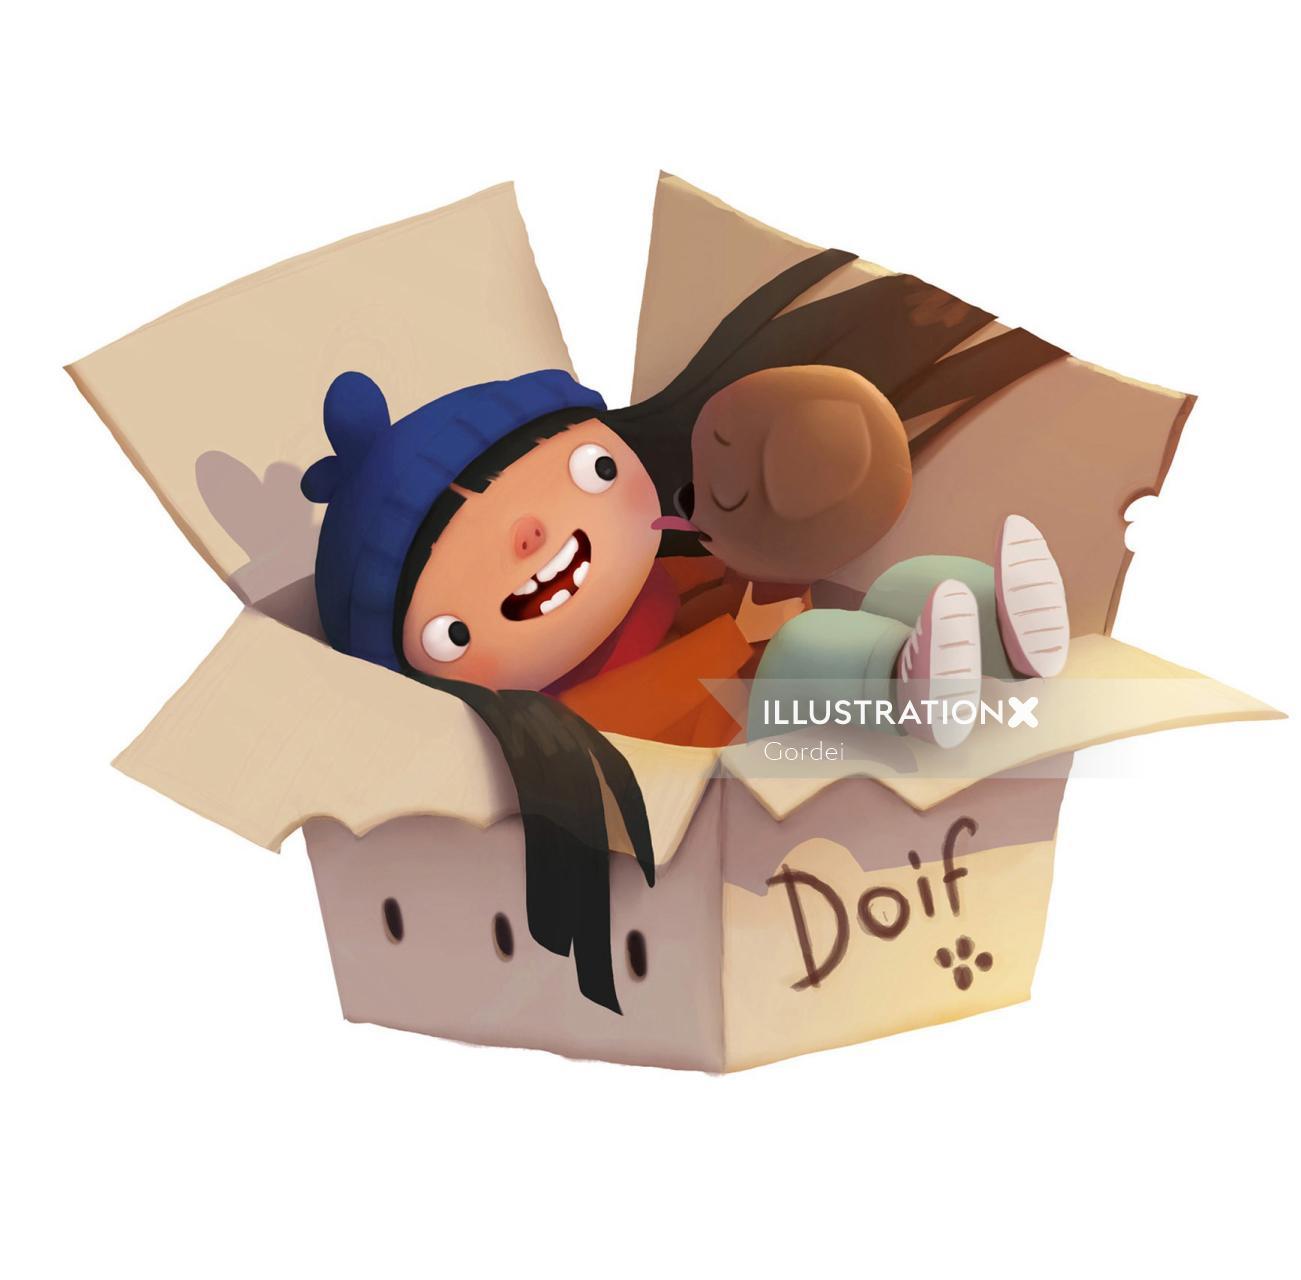 Children's Illustration For Magic Dog Doif